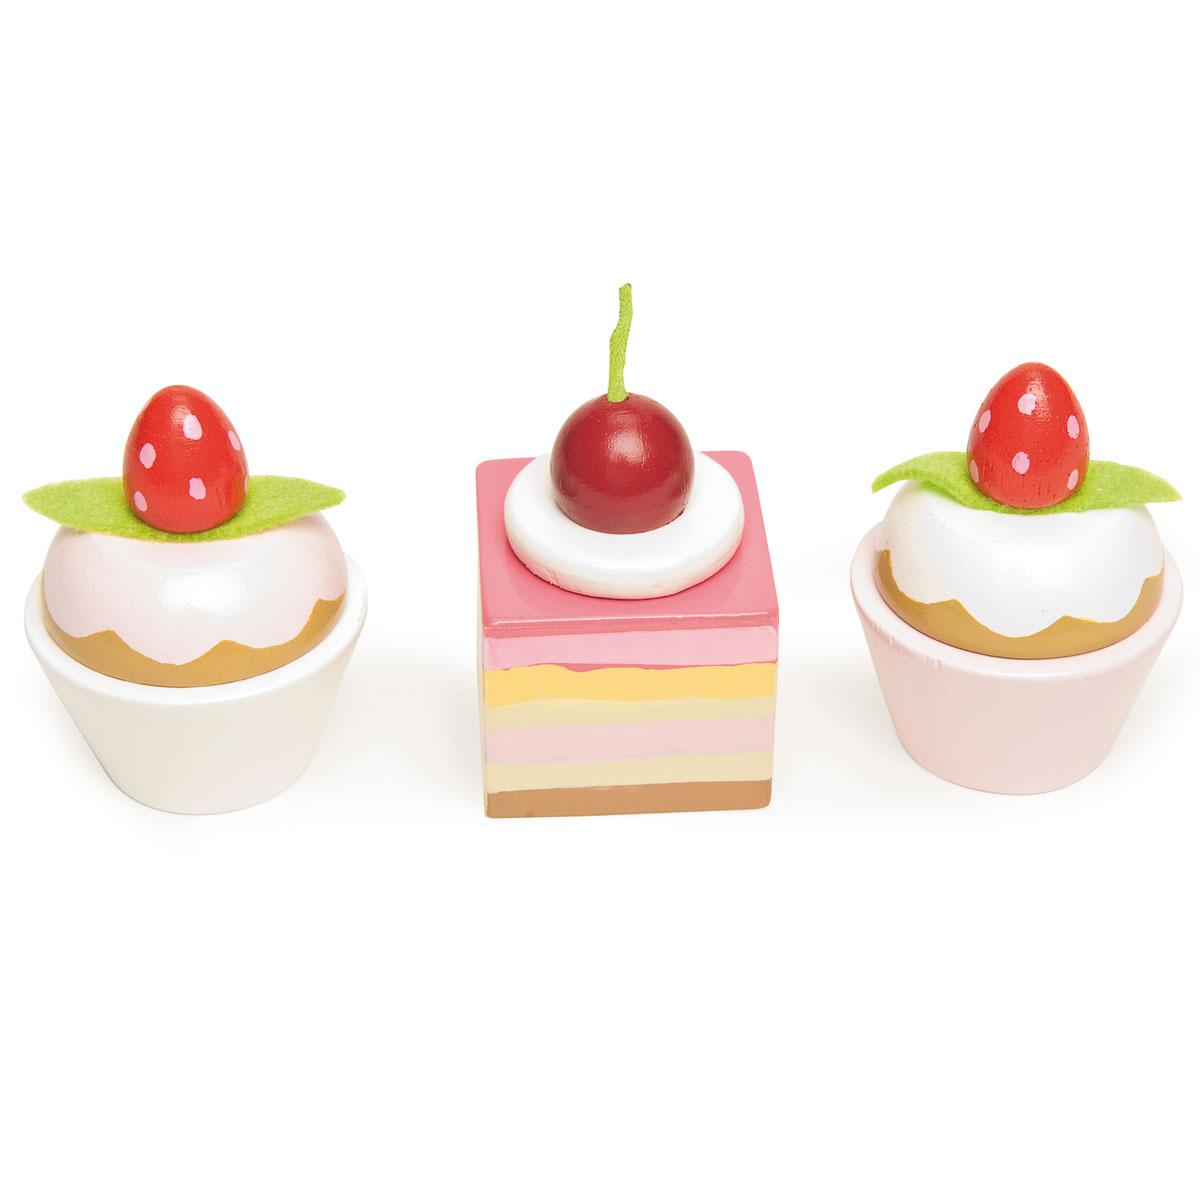 Еда игрушечная - Набор пирожных